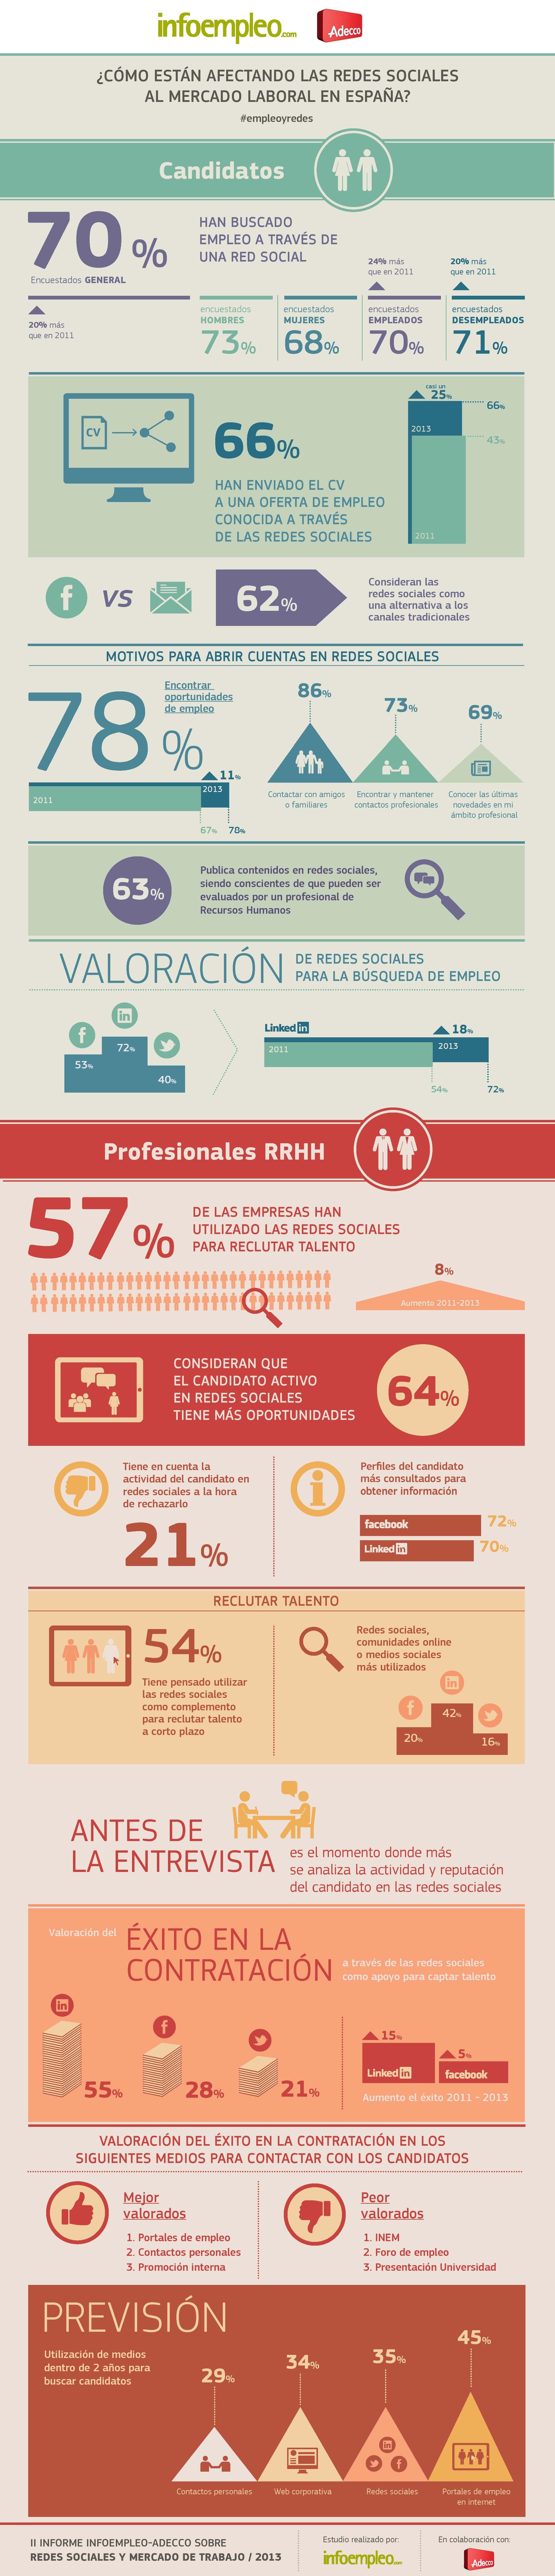 ¿Como están afectando las redes sociales al mercado laboral español?